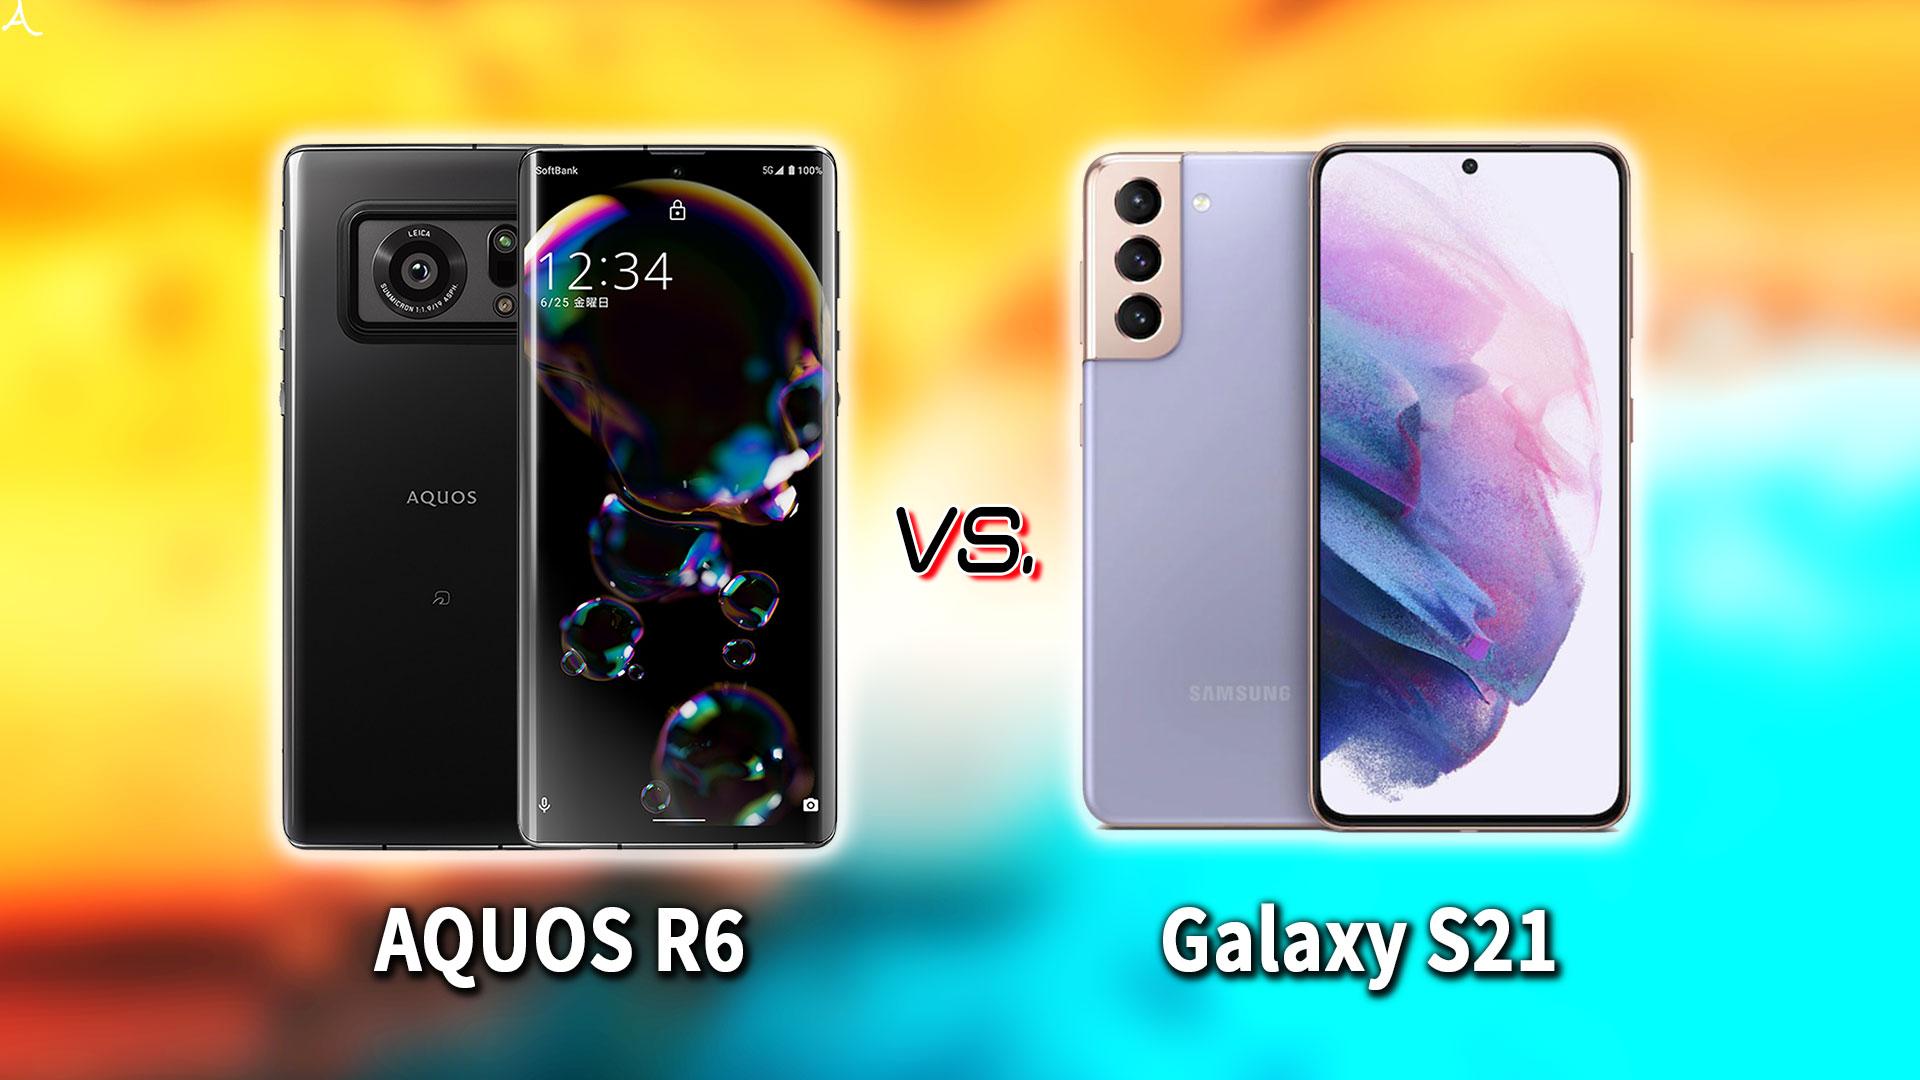 「AQUOS R6」と「Galaxy S21」の違いを比較:どっちを買う?